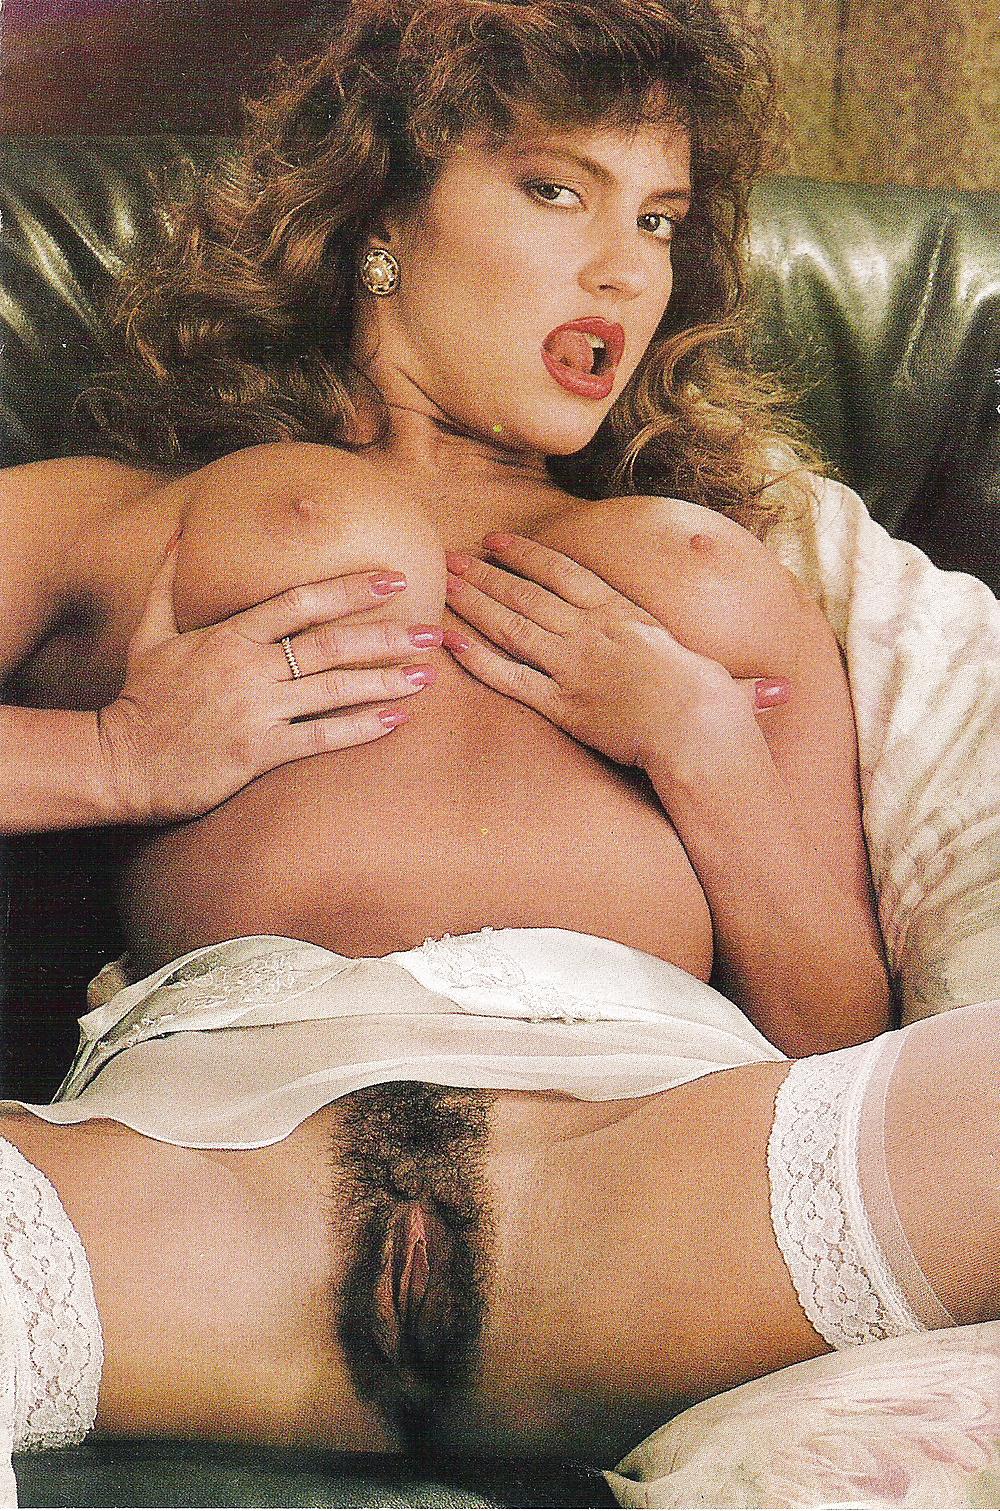 Ashlyn gere nude pics cams sexy